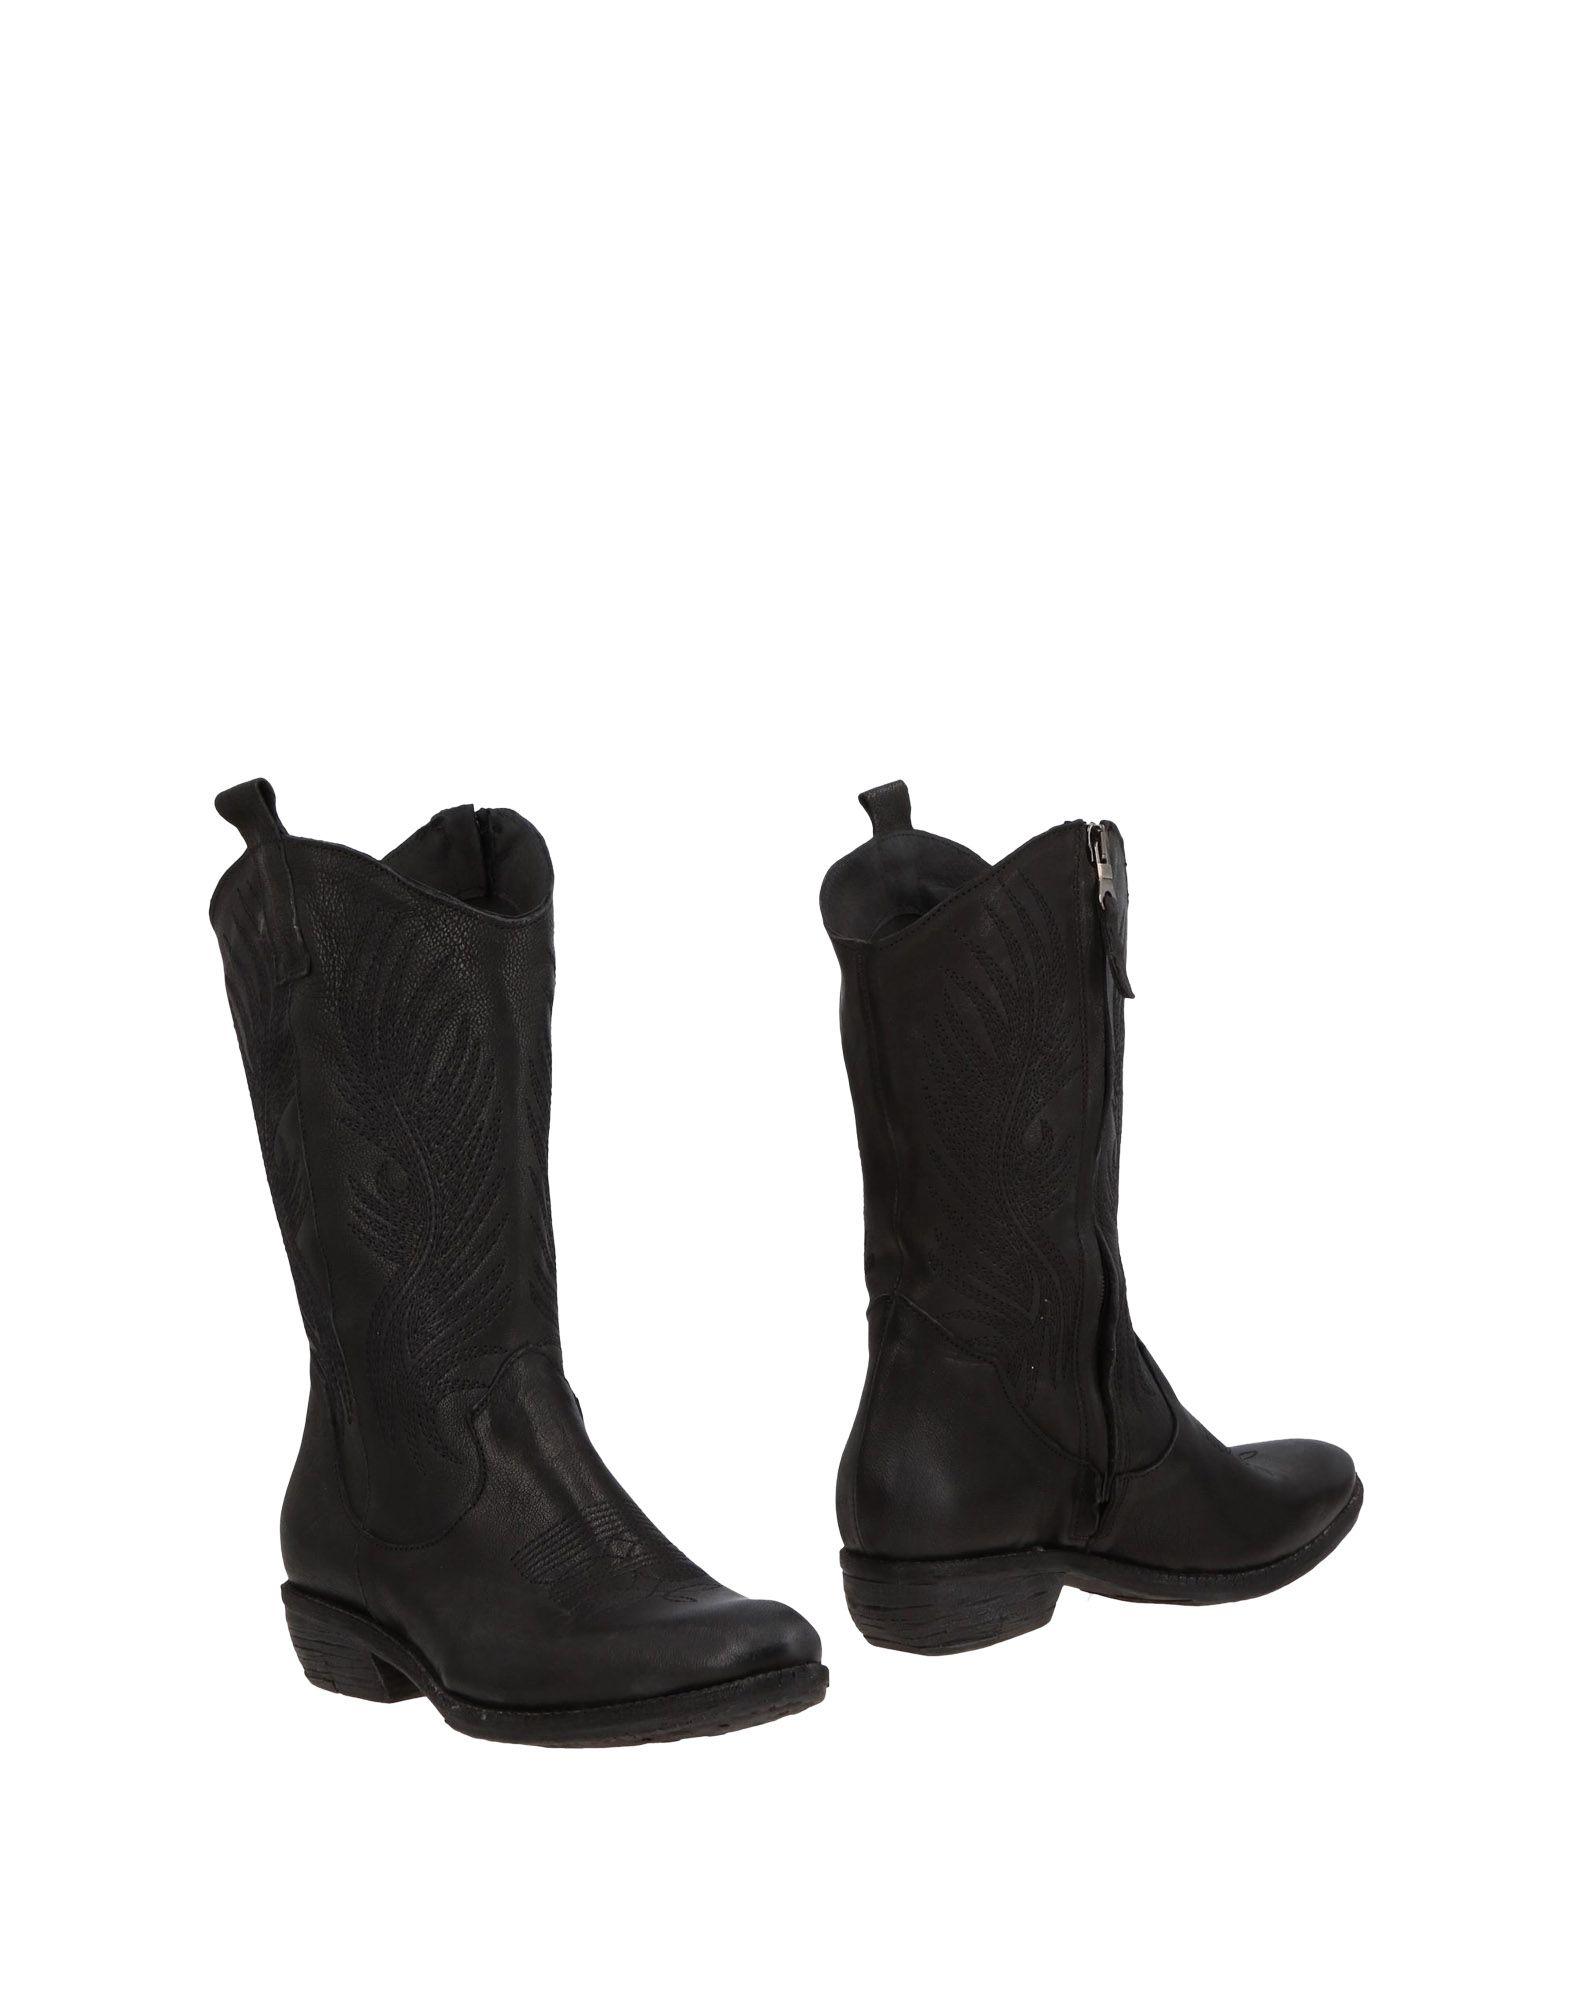 Rock Rodeo Stiefelette Damen  11485453BM Gute Qualität beliebte Schuhe